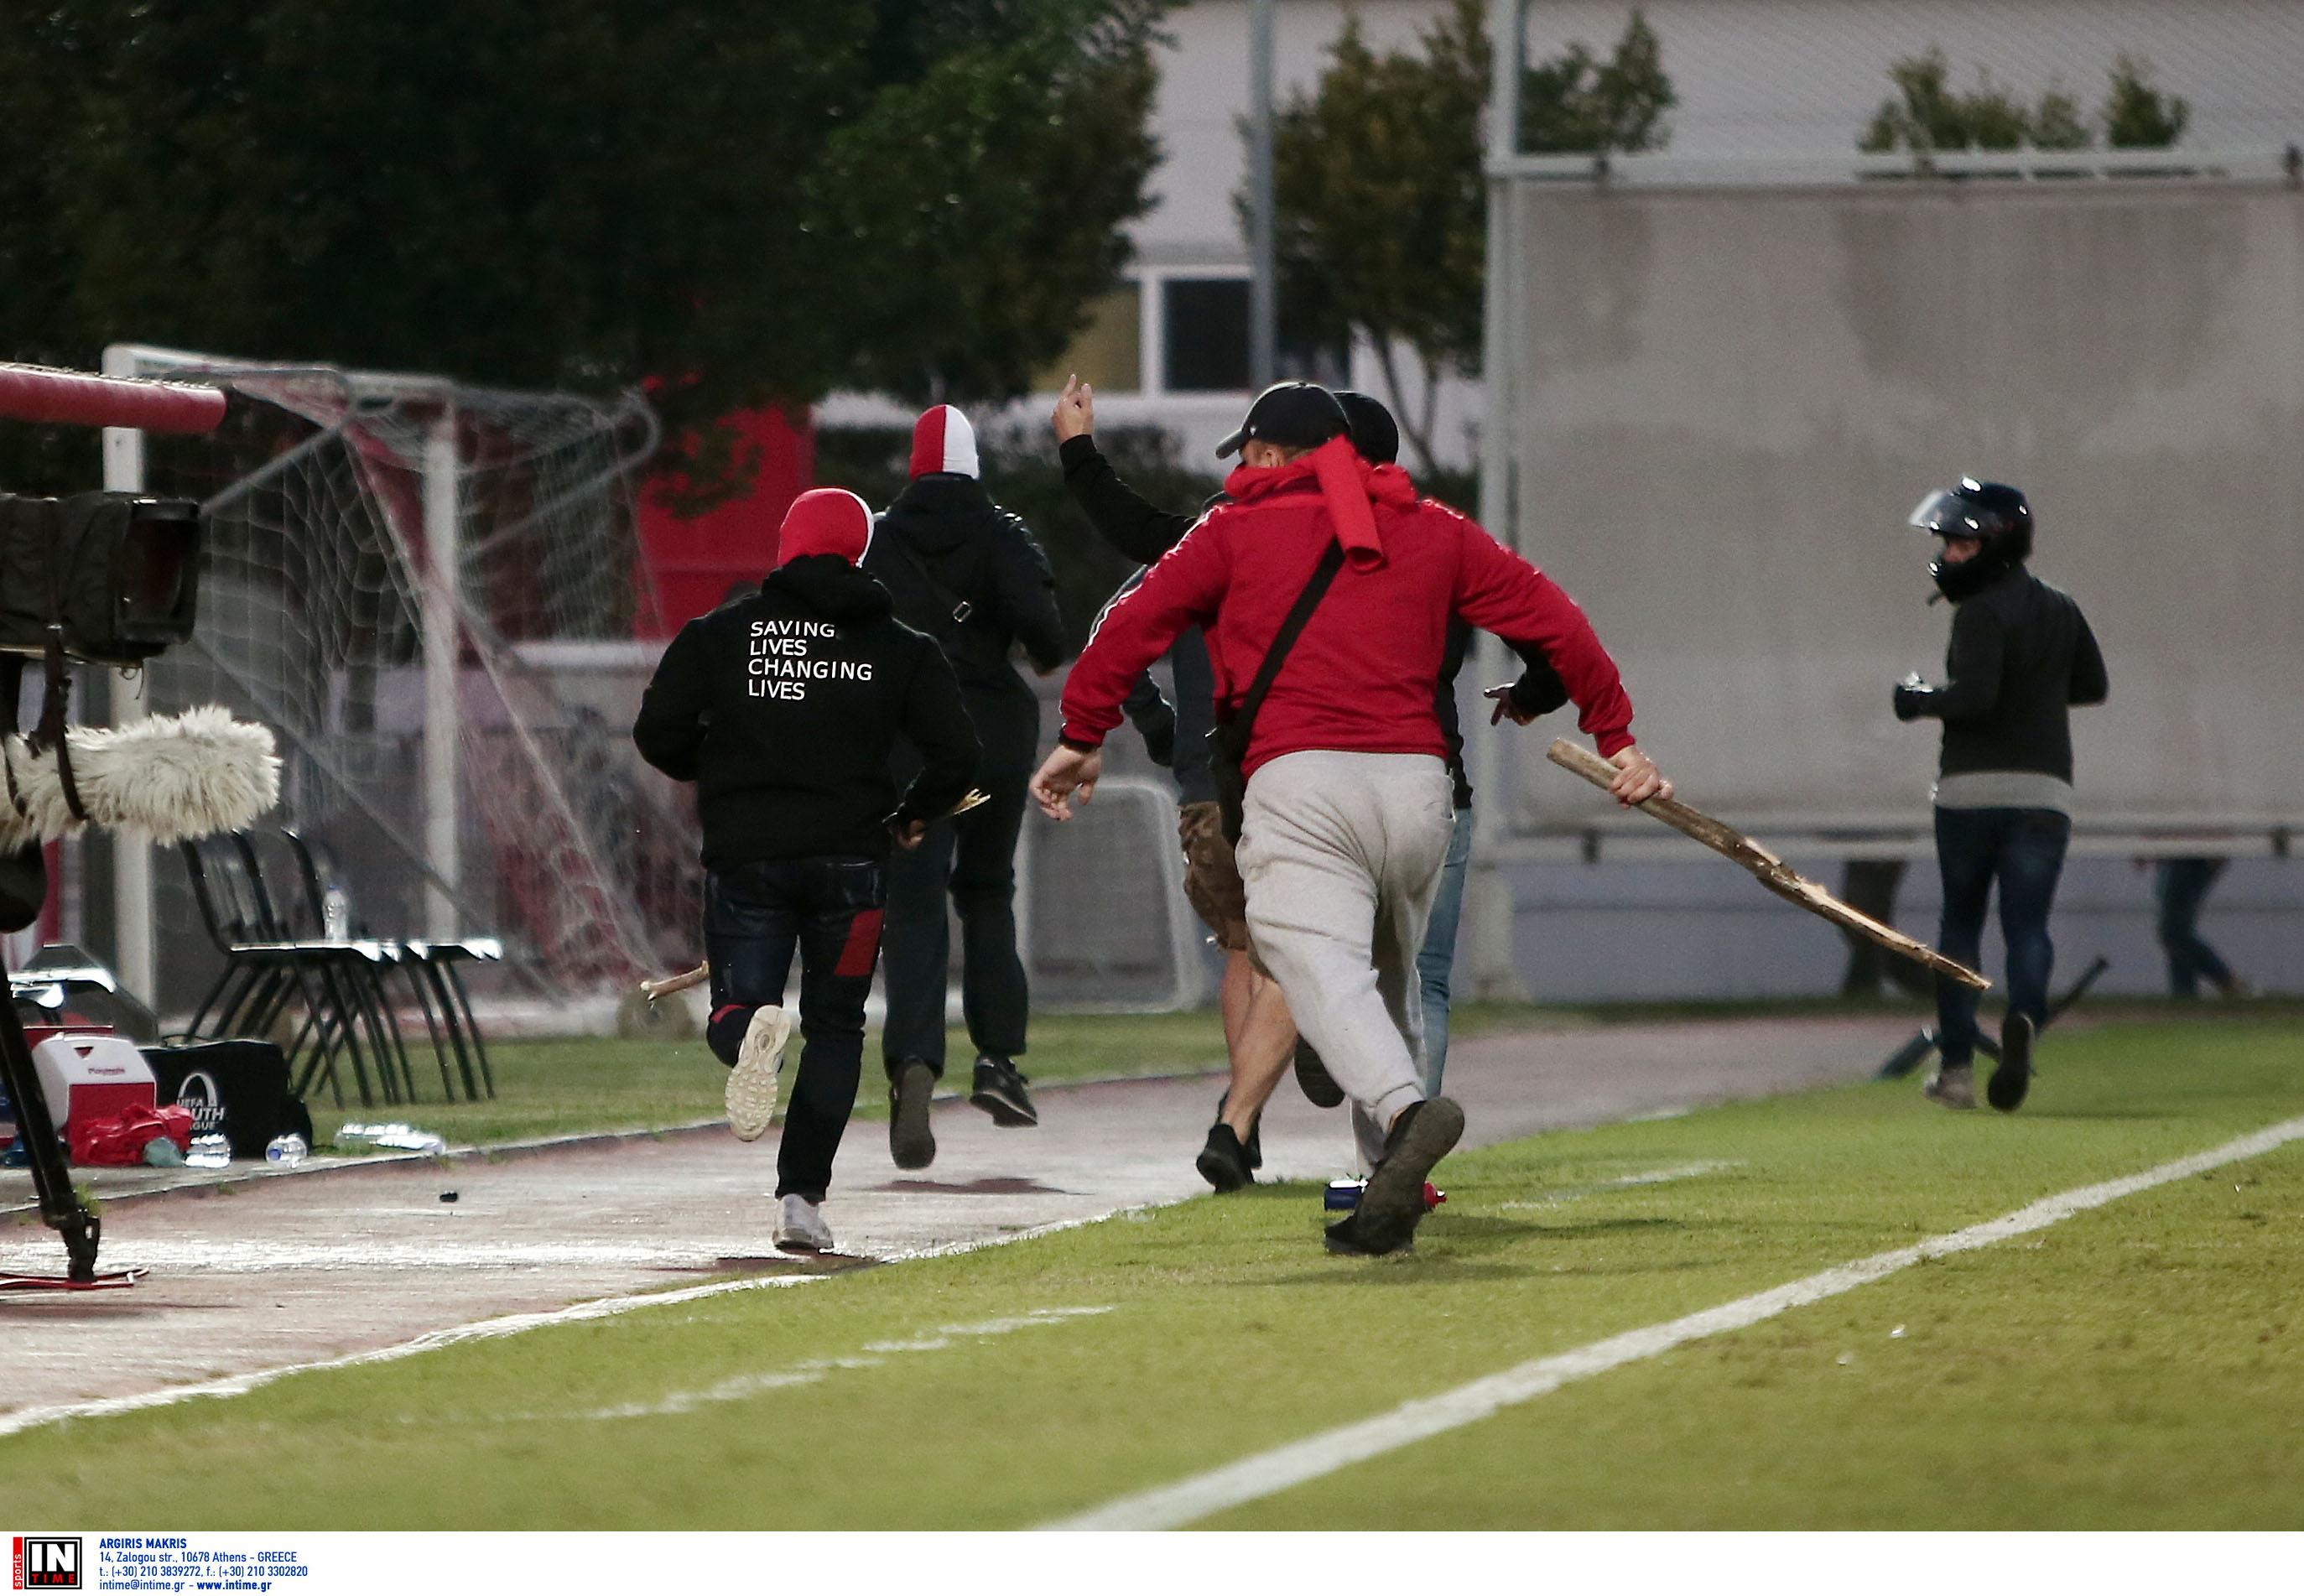 Ολυμπιακός – Μπάγερν: Σοκαριστικές εικόνες στο ματς των Νέων! Με αίματα οι Γερμανοί στην κερκίδα [pics]